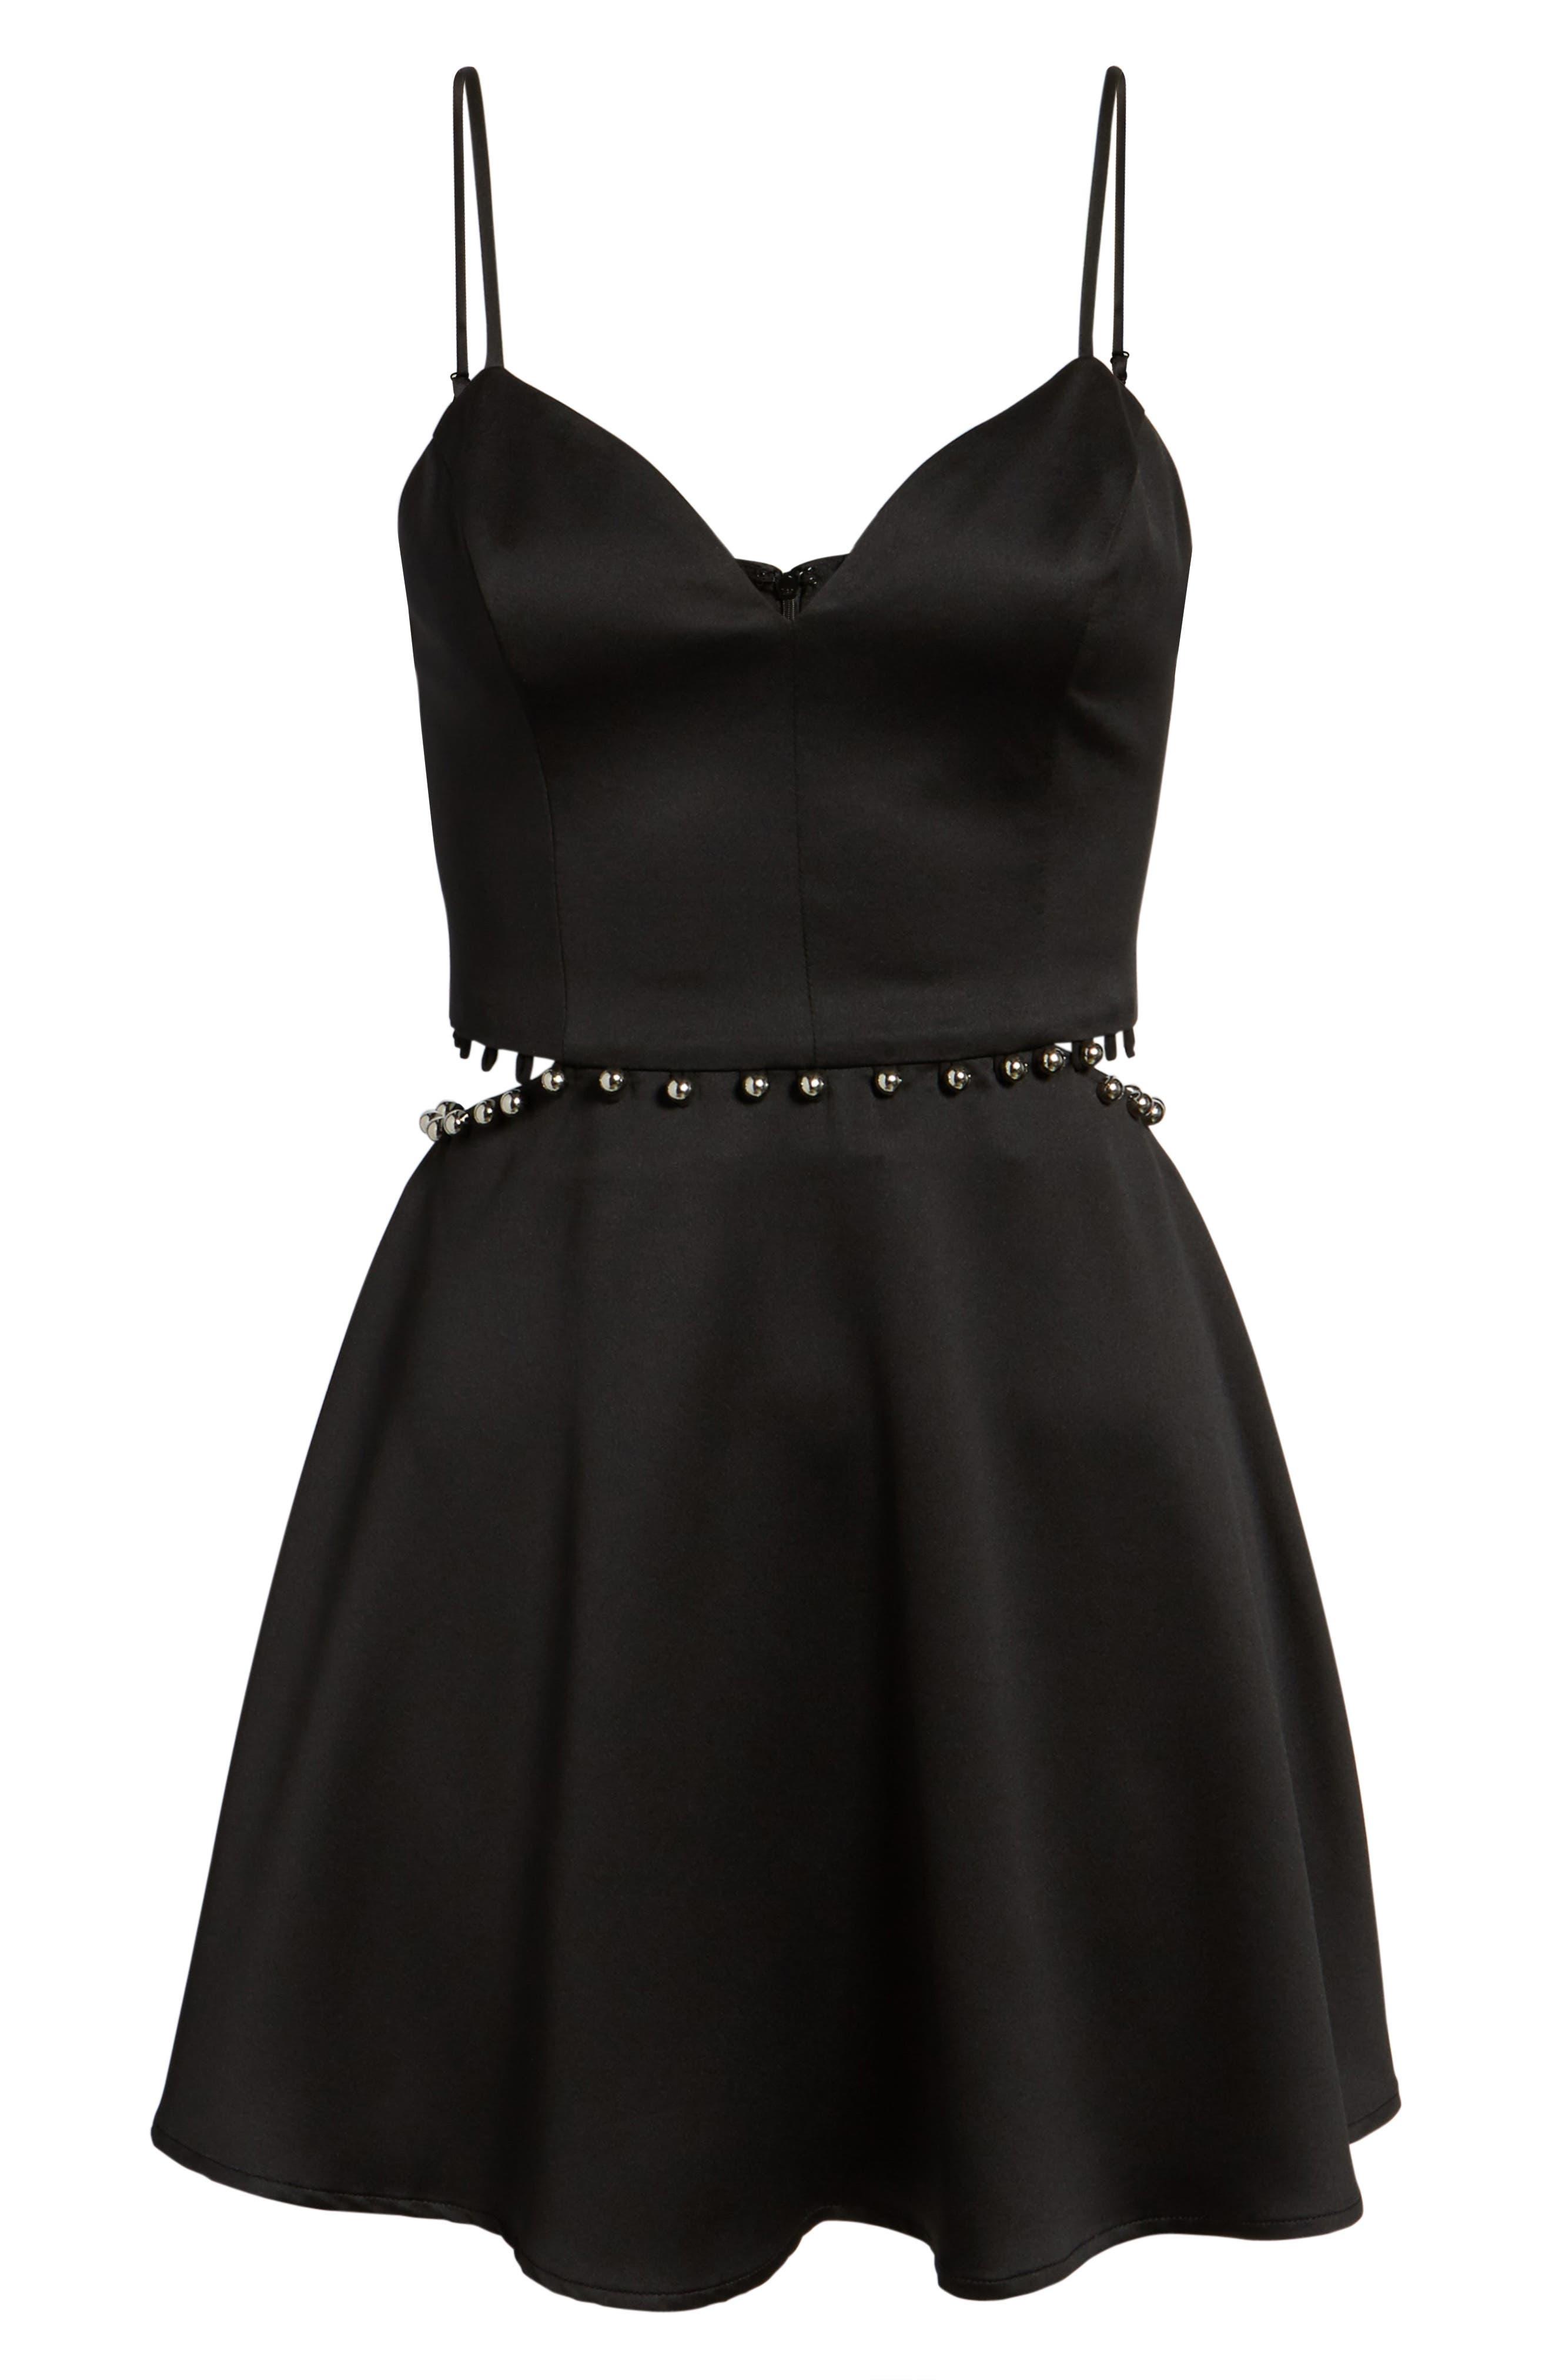 Brandi Fit & Flare Dress,                             Alternate thumbnail 6, color,                             Black